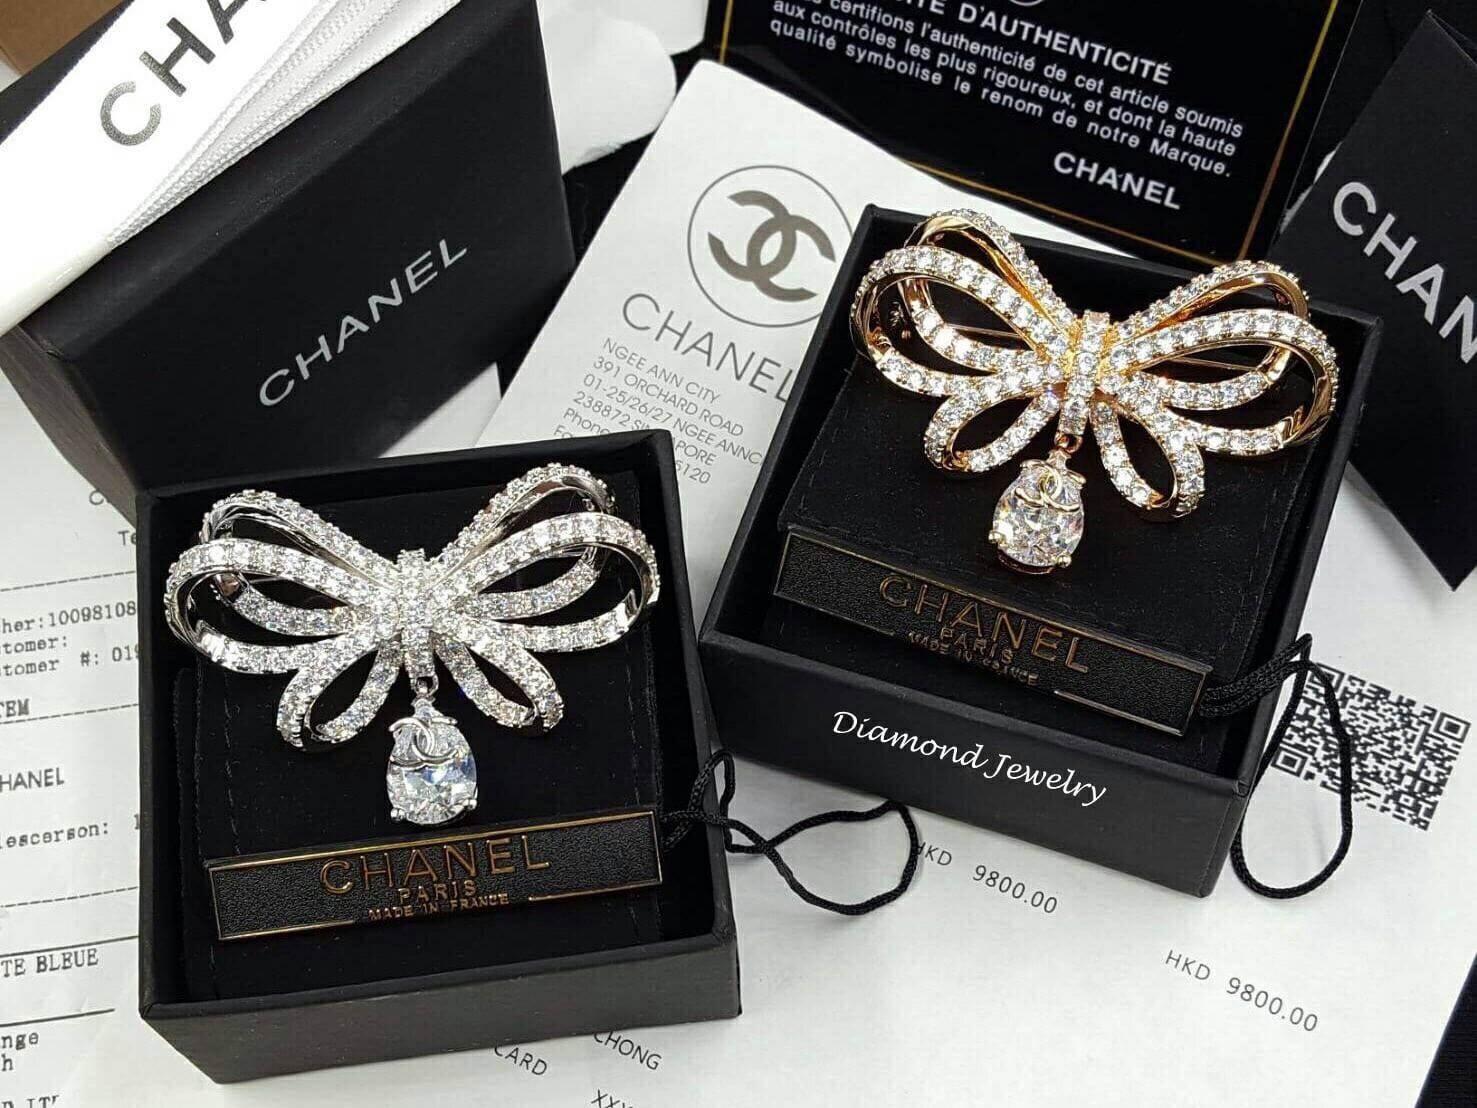 พร้อมส่ง ปรบมือ 5 ล้านทีดังๆ ให้กับ Chanel Brooch